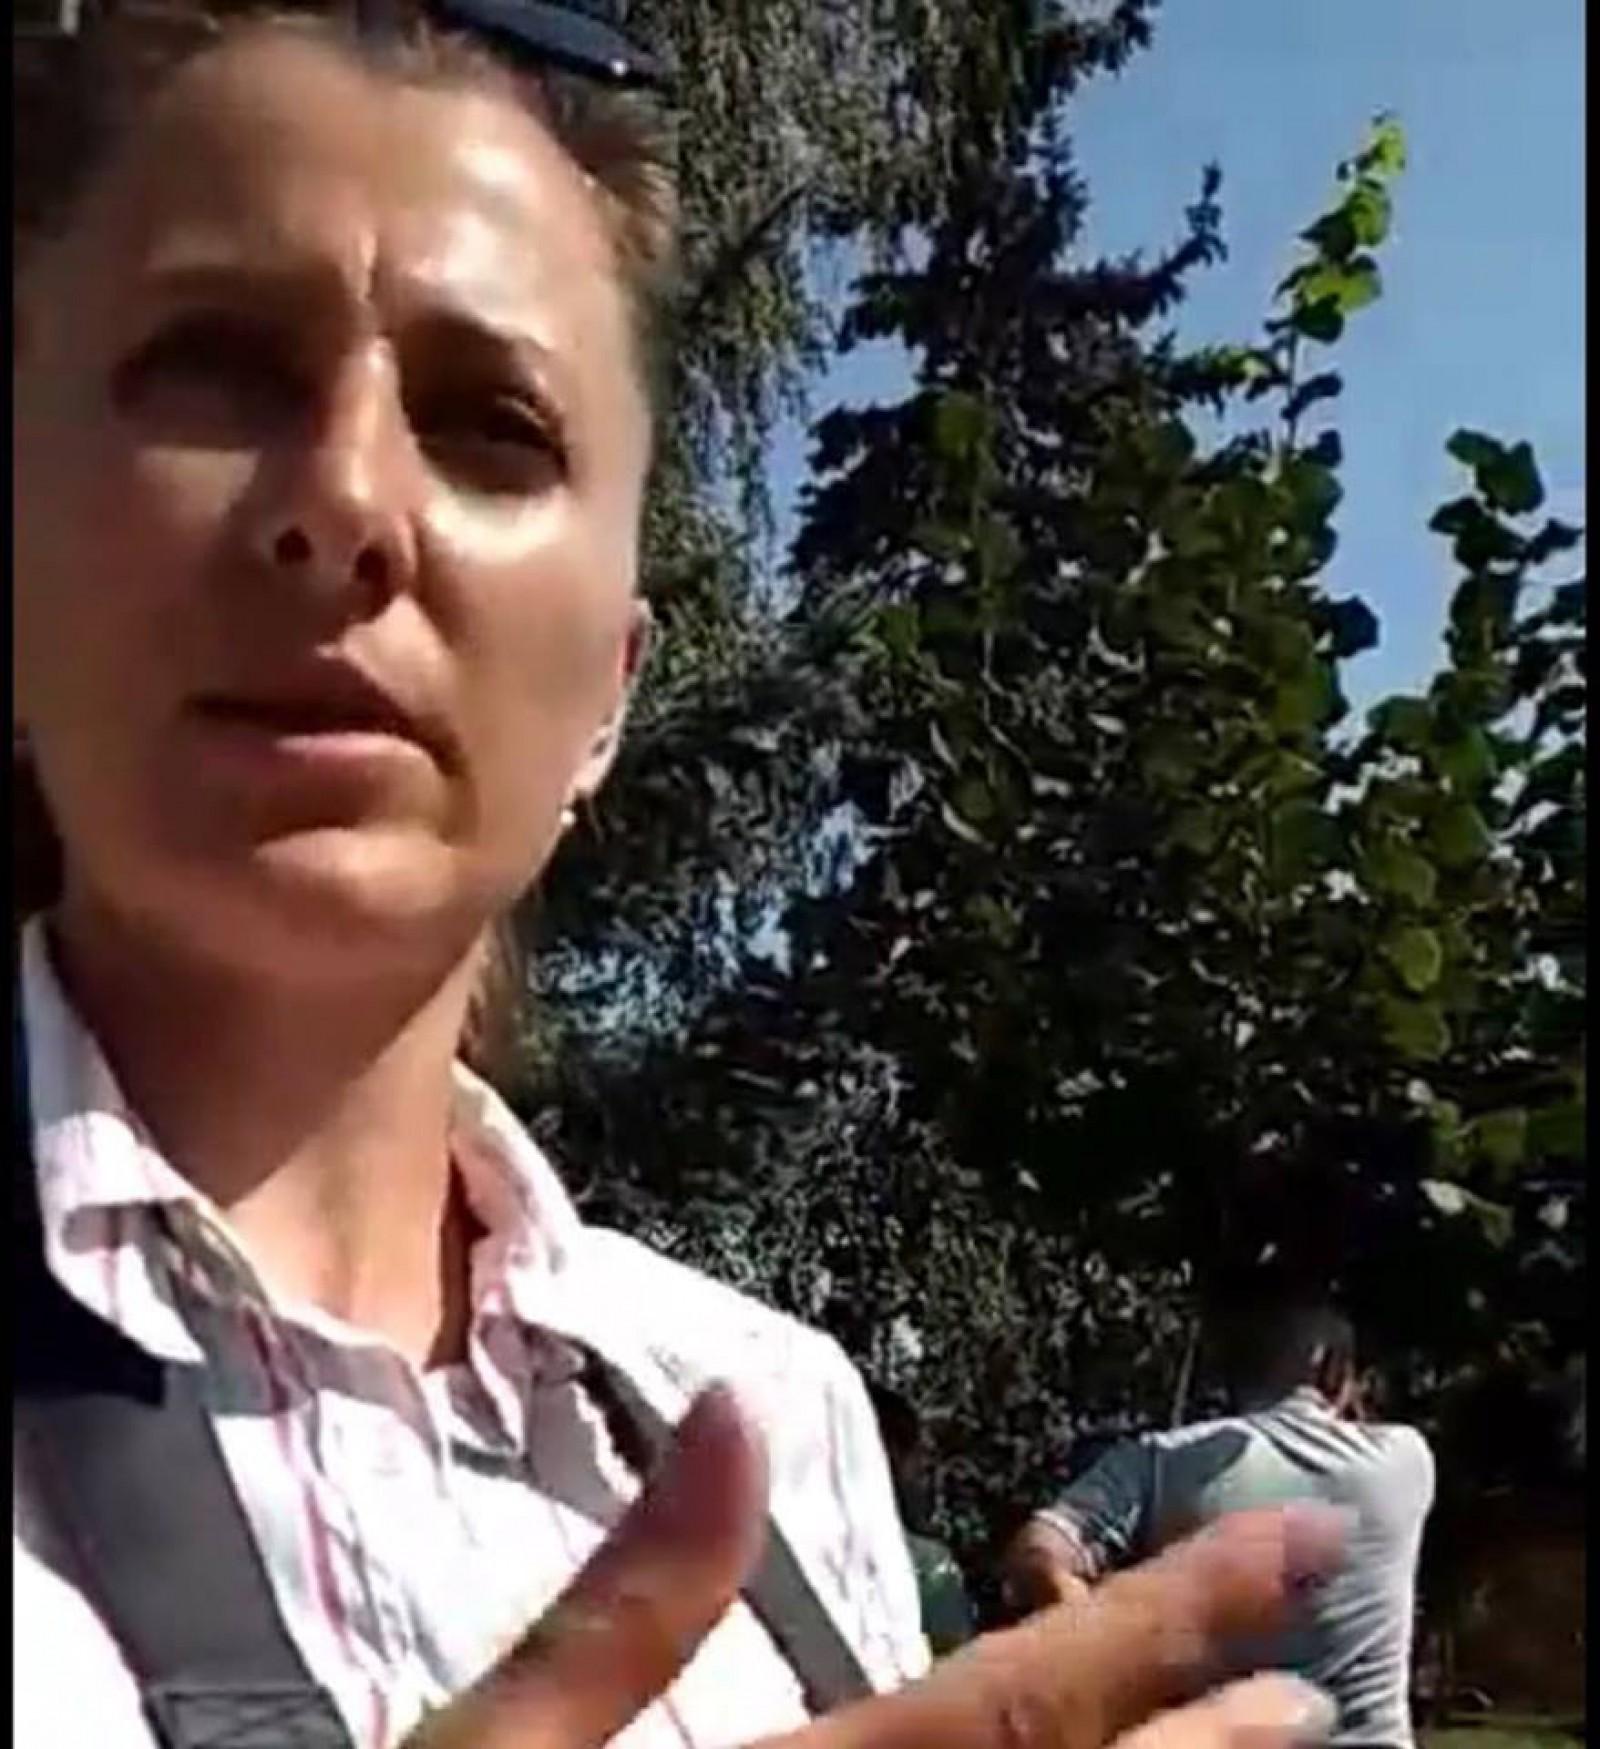 Caut Femei Care Cauta Barbati Mali Iđoš Părerea noastră